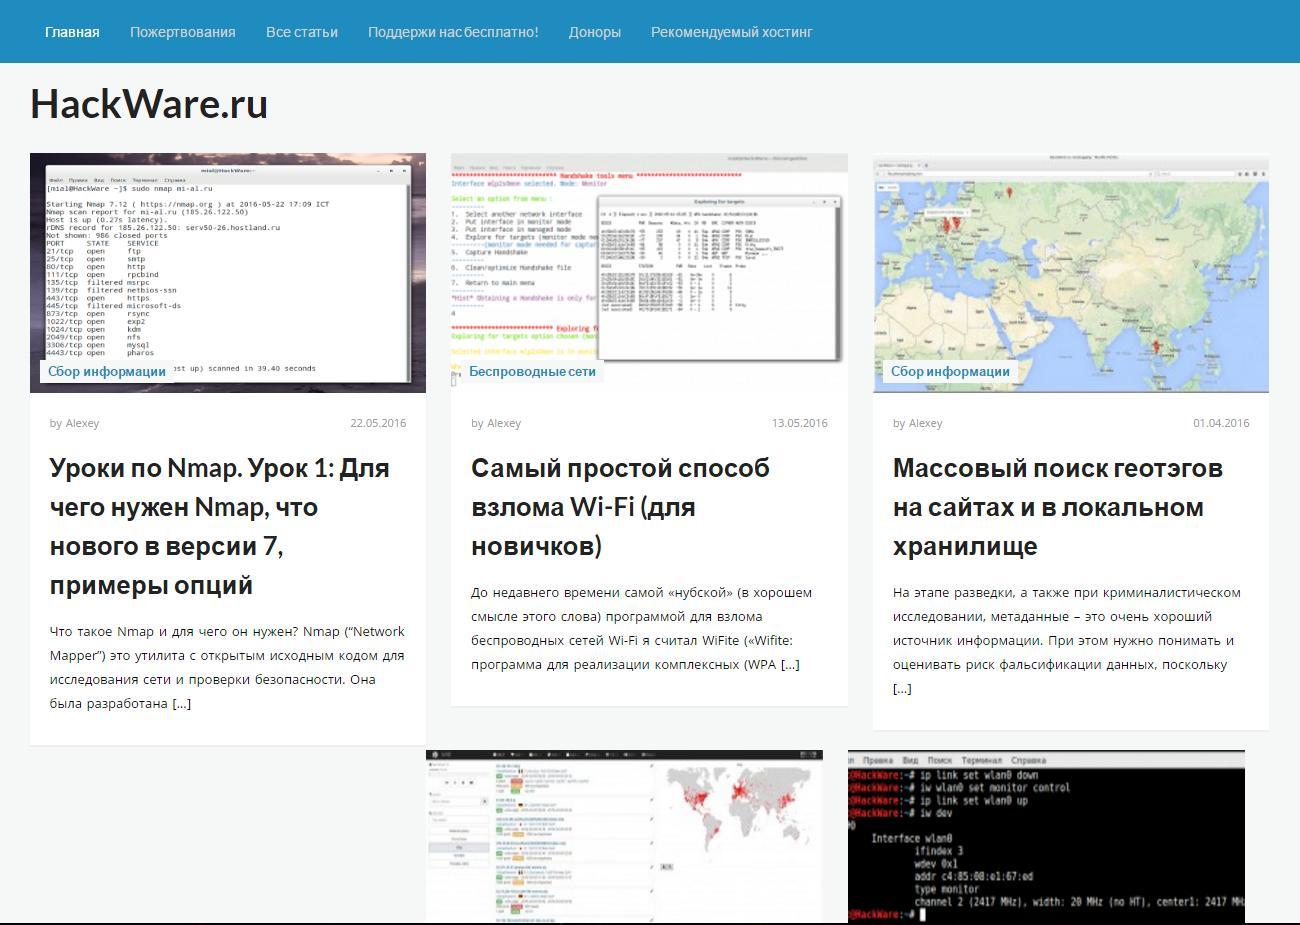 Рабочие прокси Украина для валидации e-mail адресов